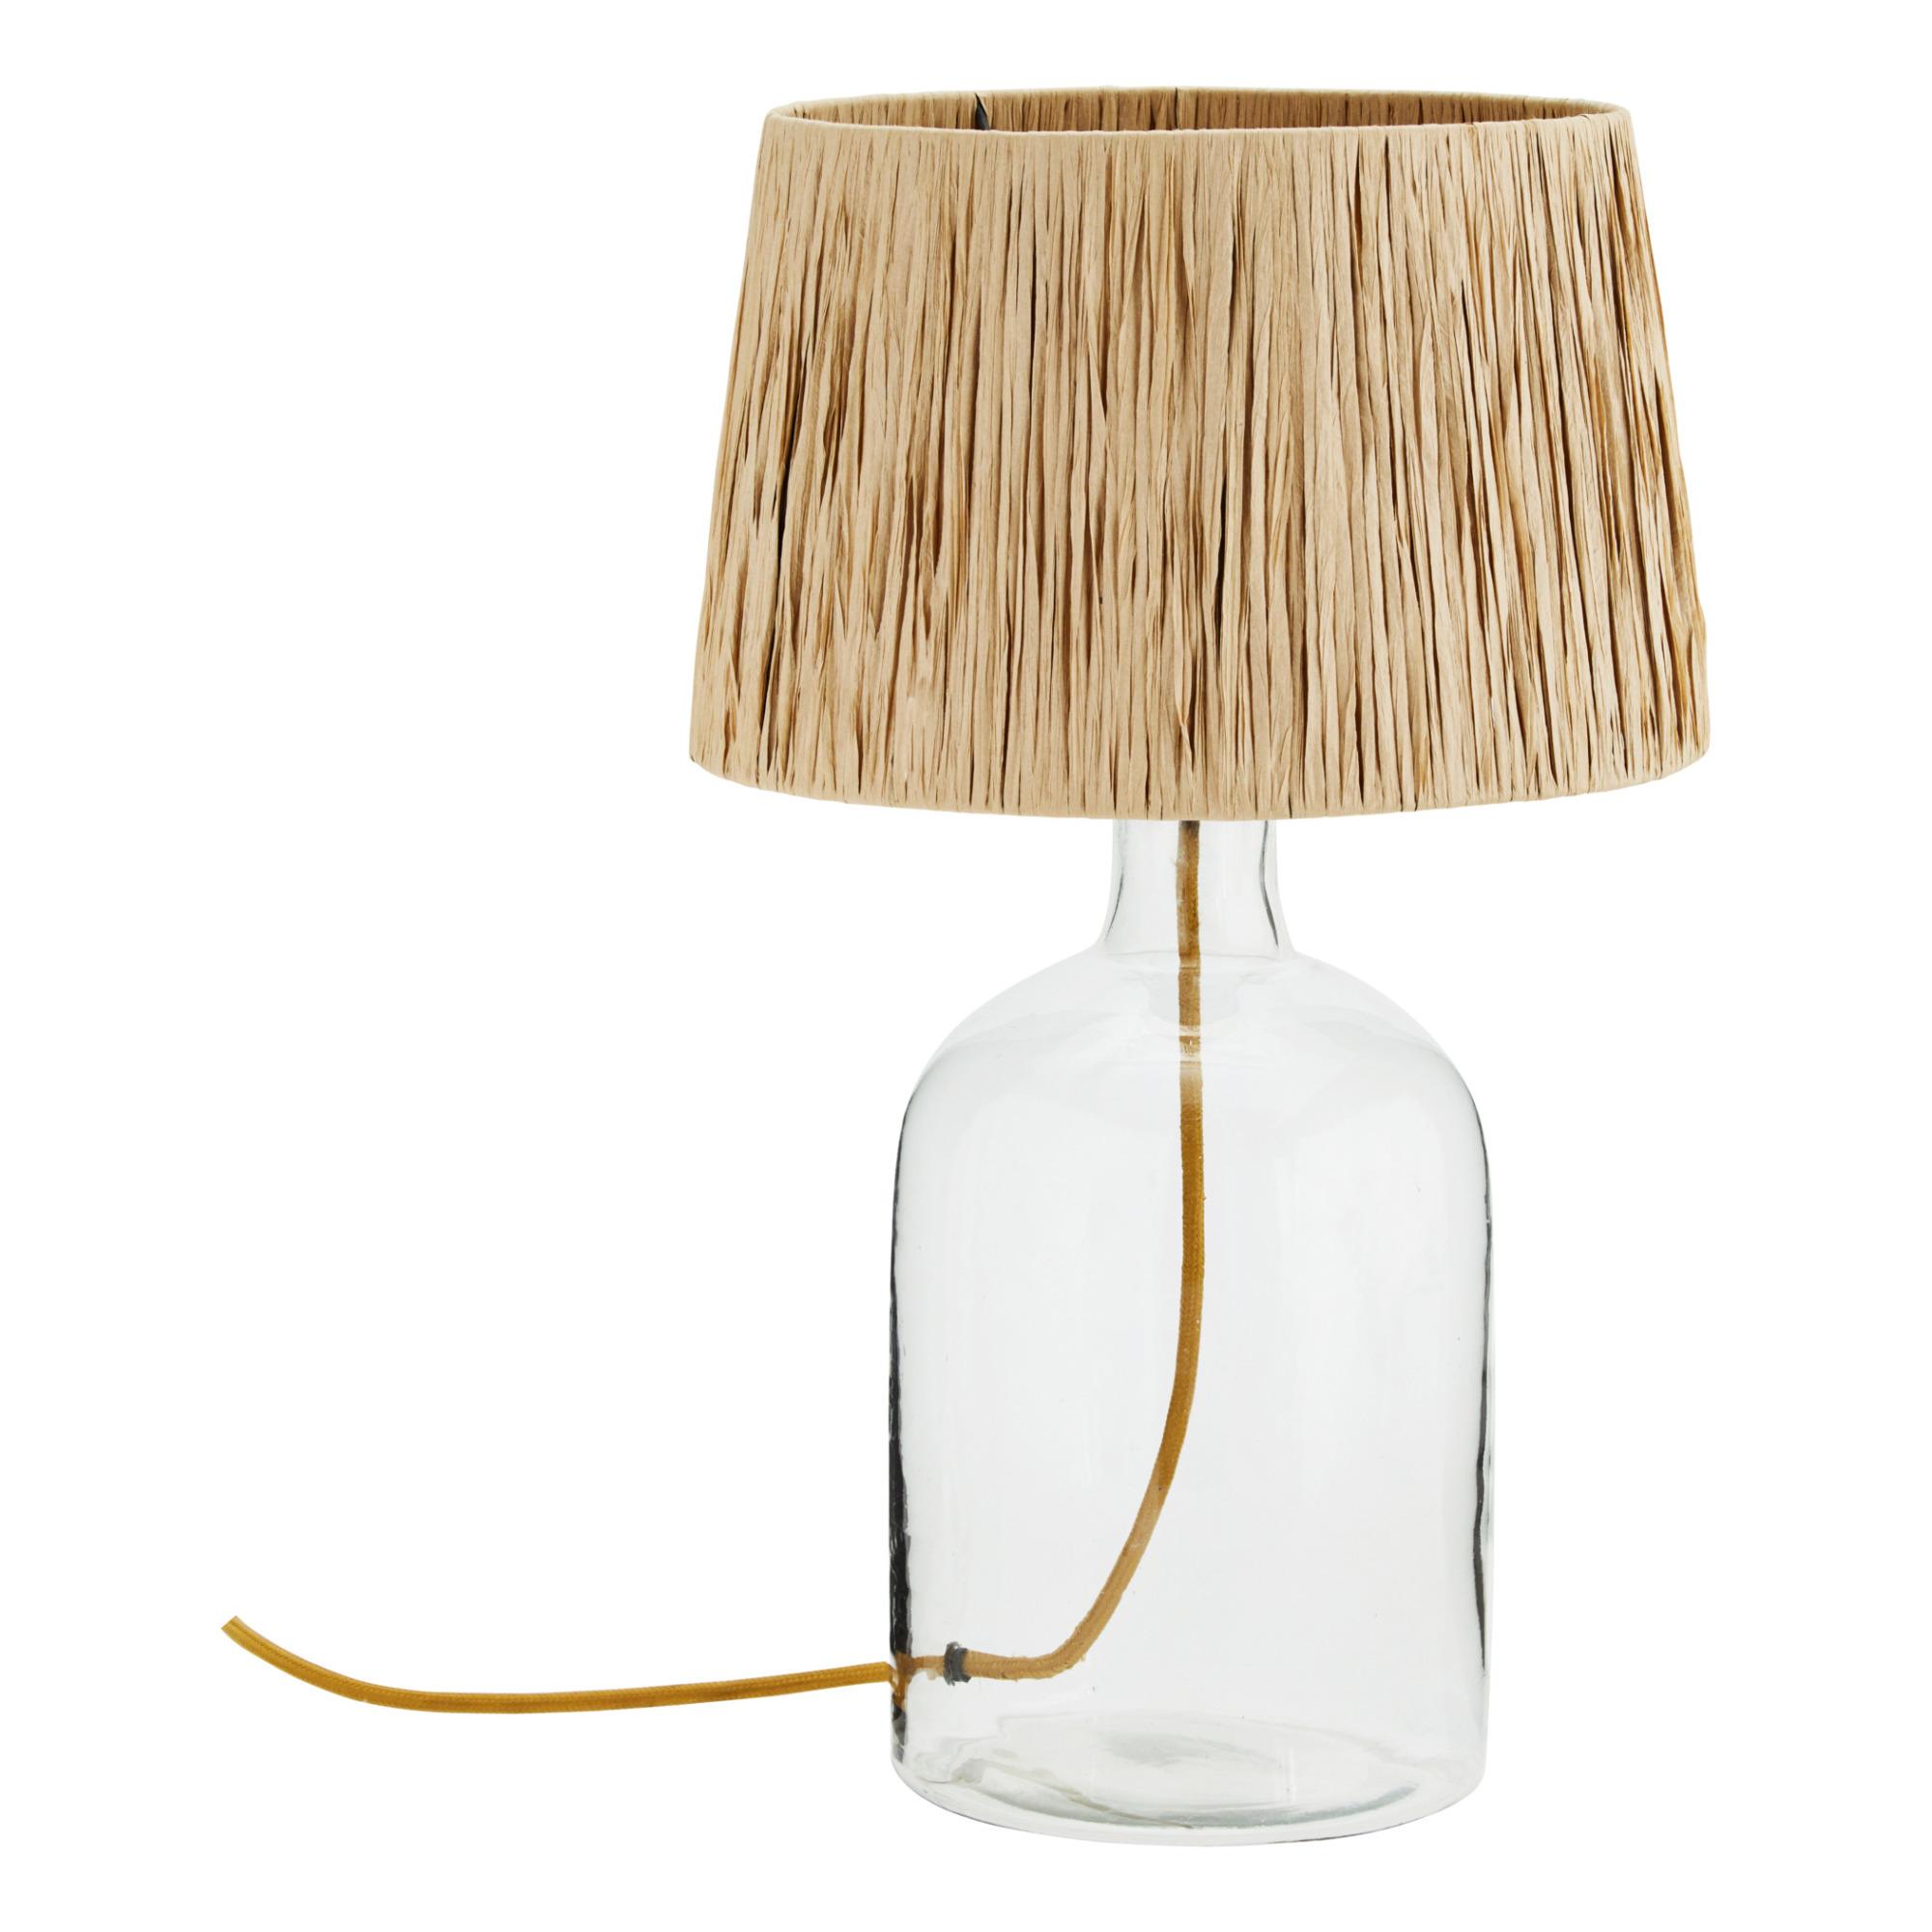 Lampe à poser - base en verre, abat jour en raphia